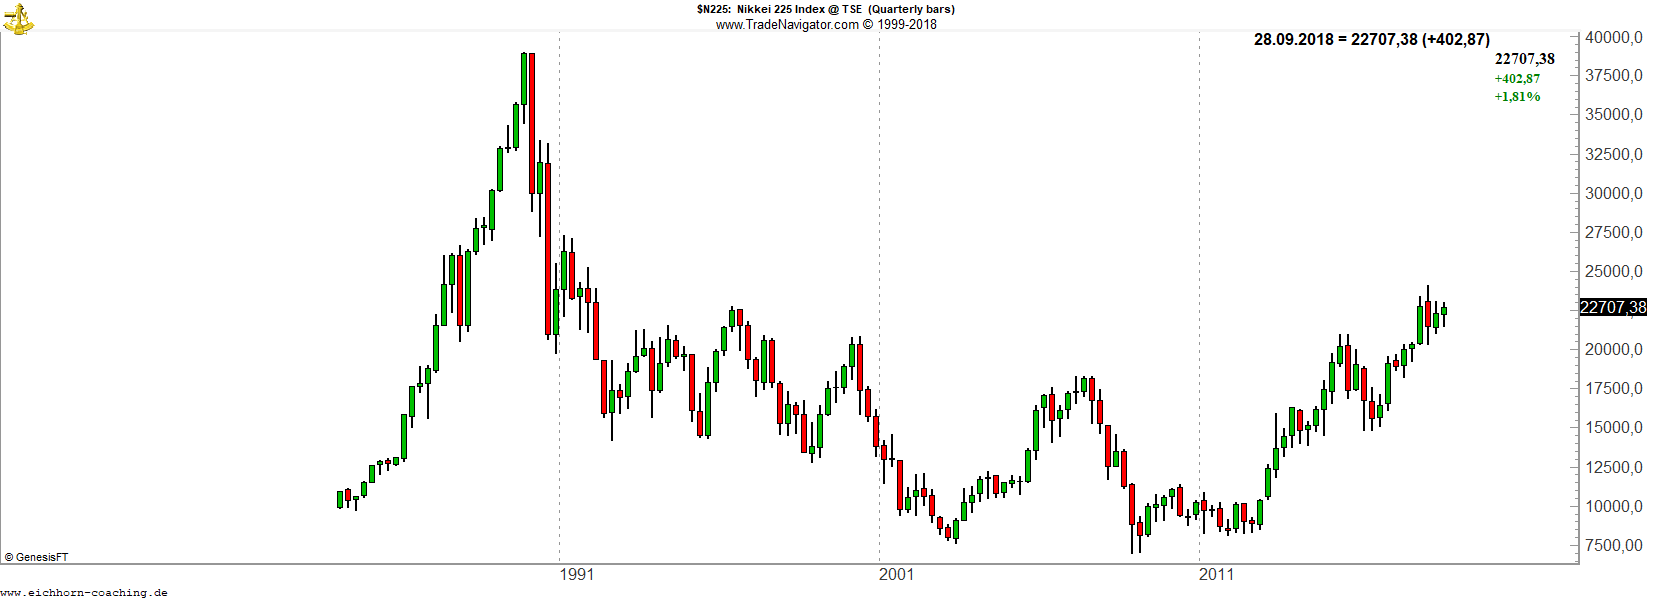 Optionen auf asiatische Indizes handeln Nikkei 225